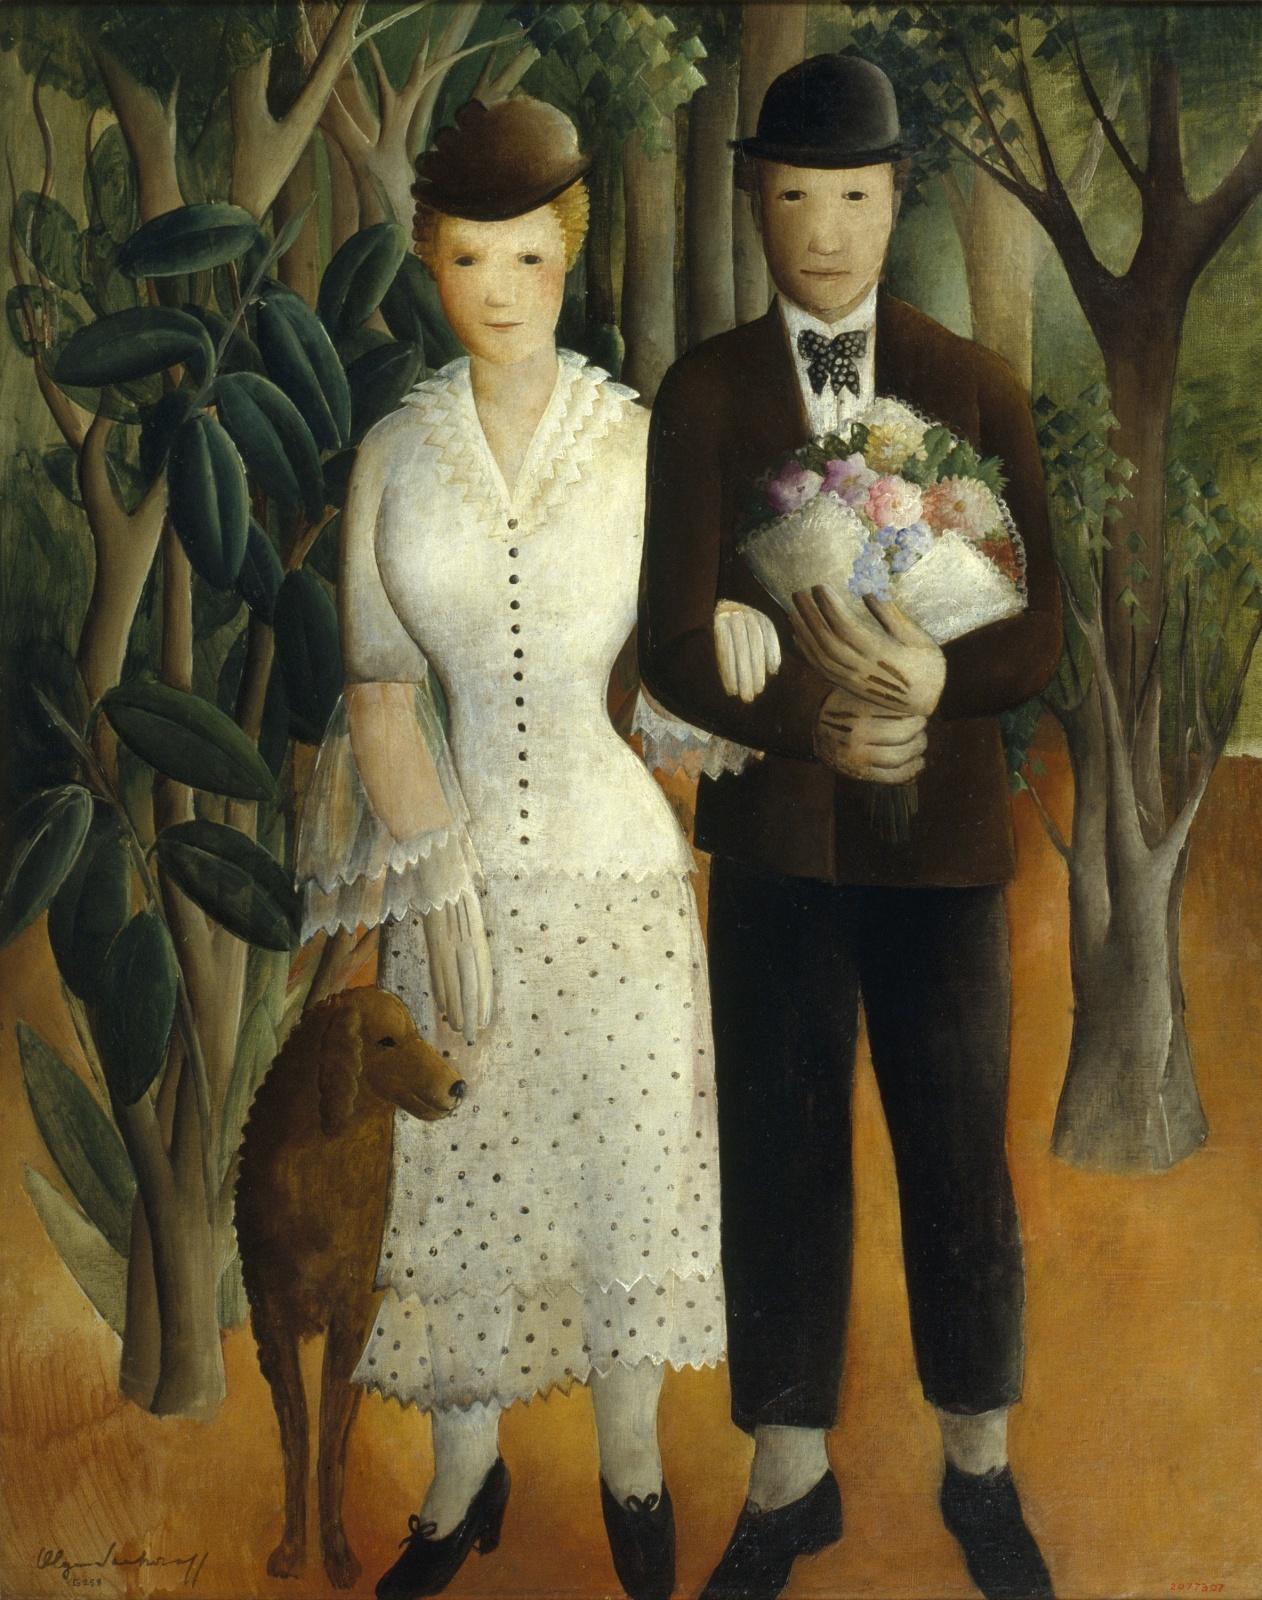 Els noucasats, Olga Sacharoff, cap a 1929